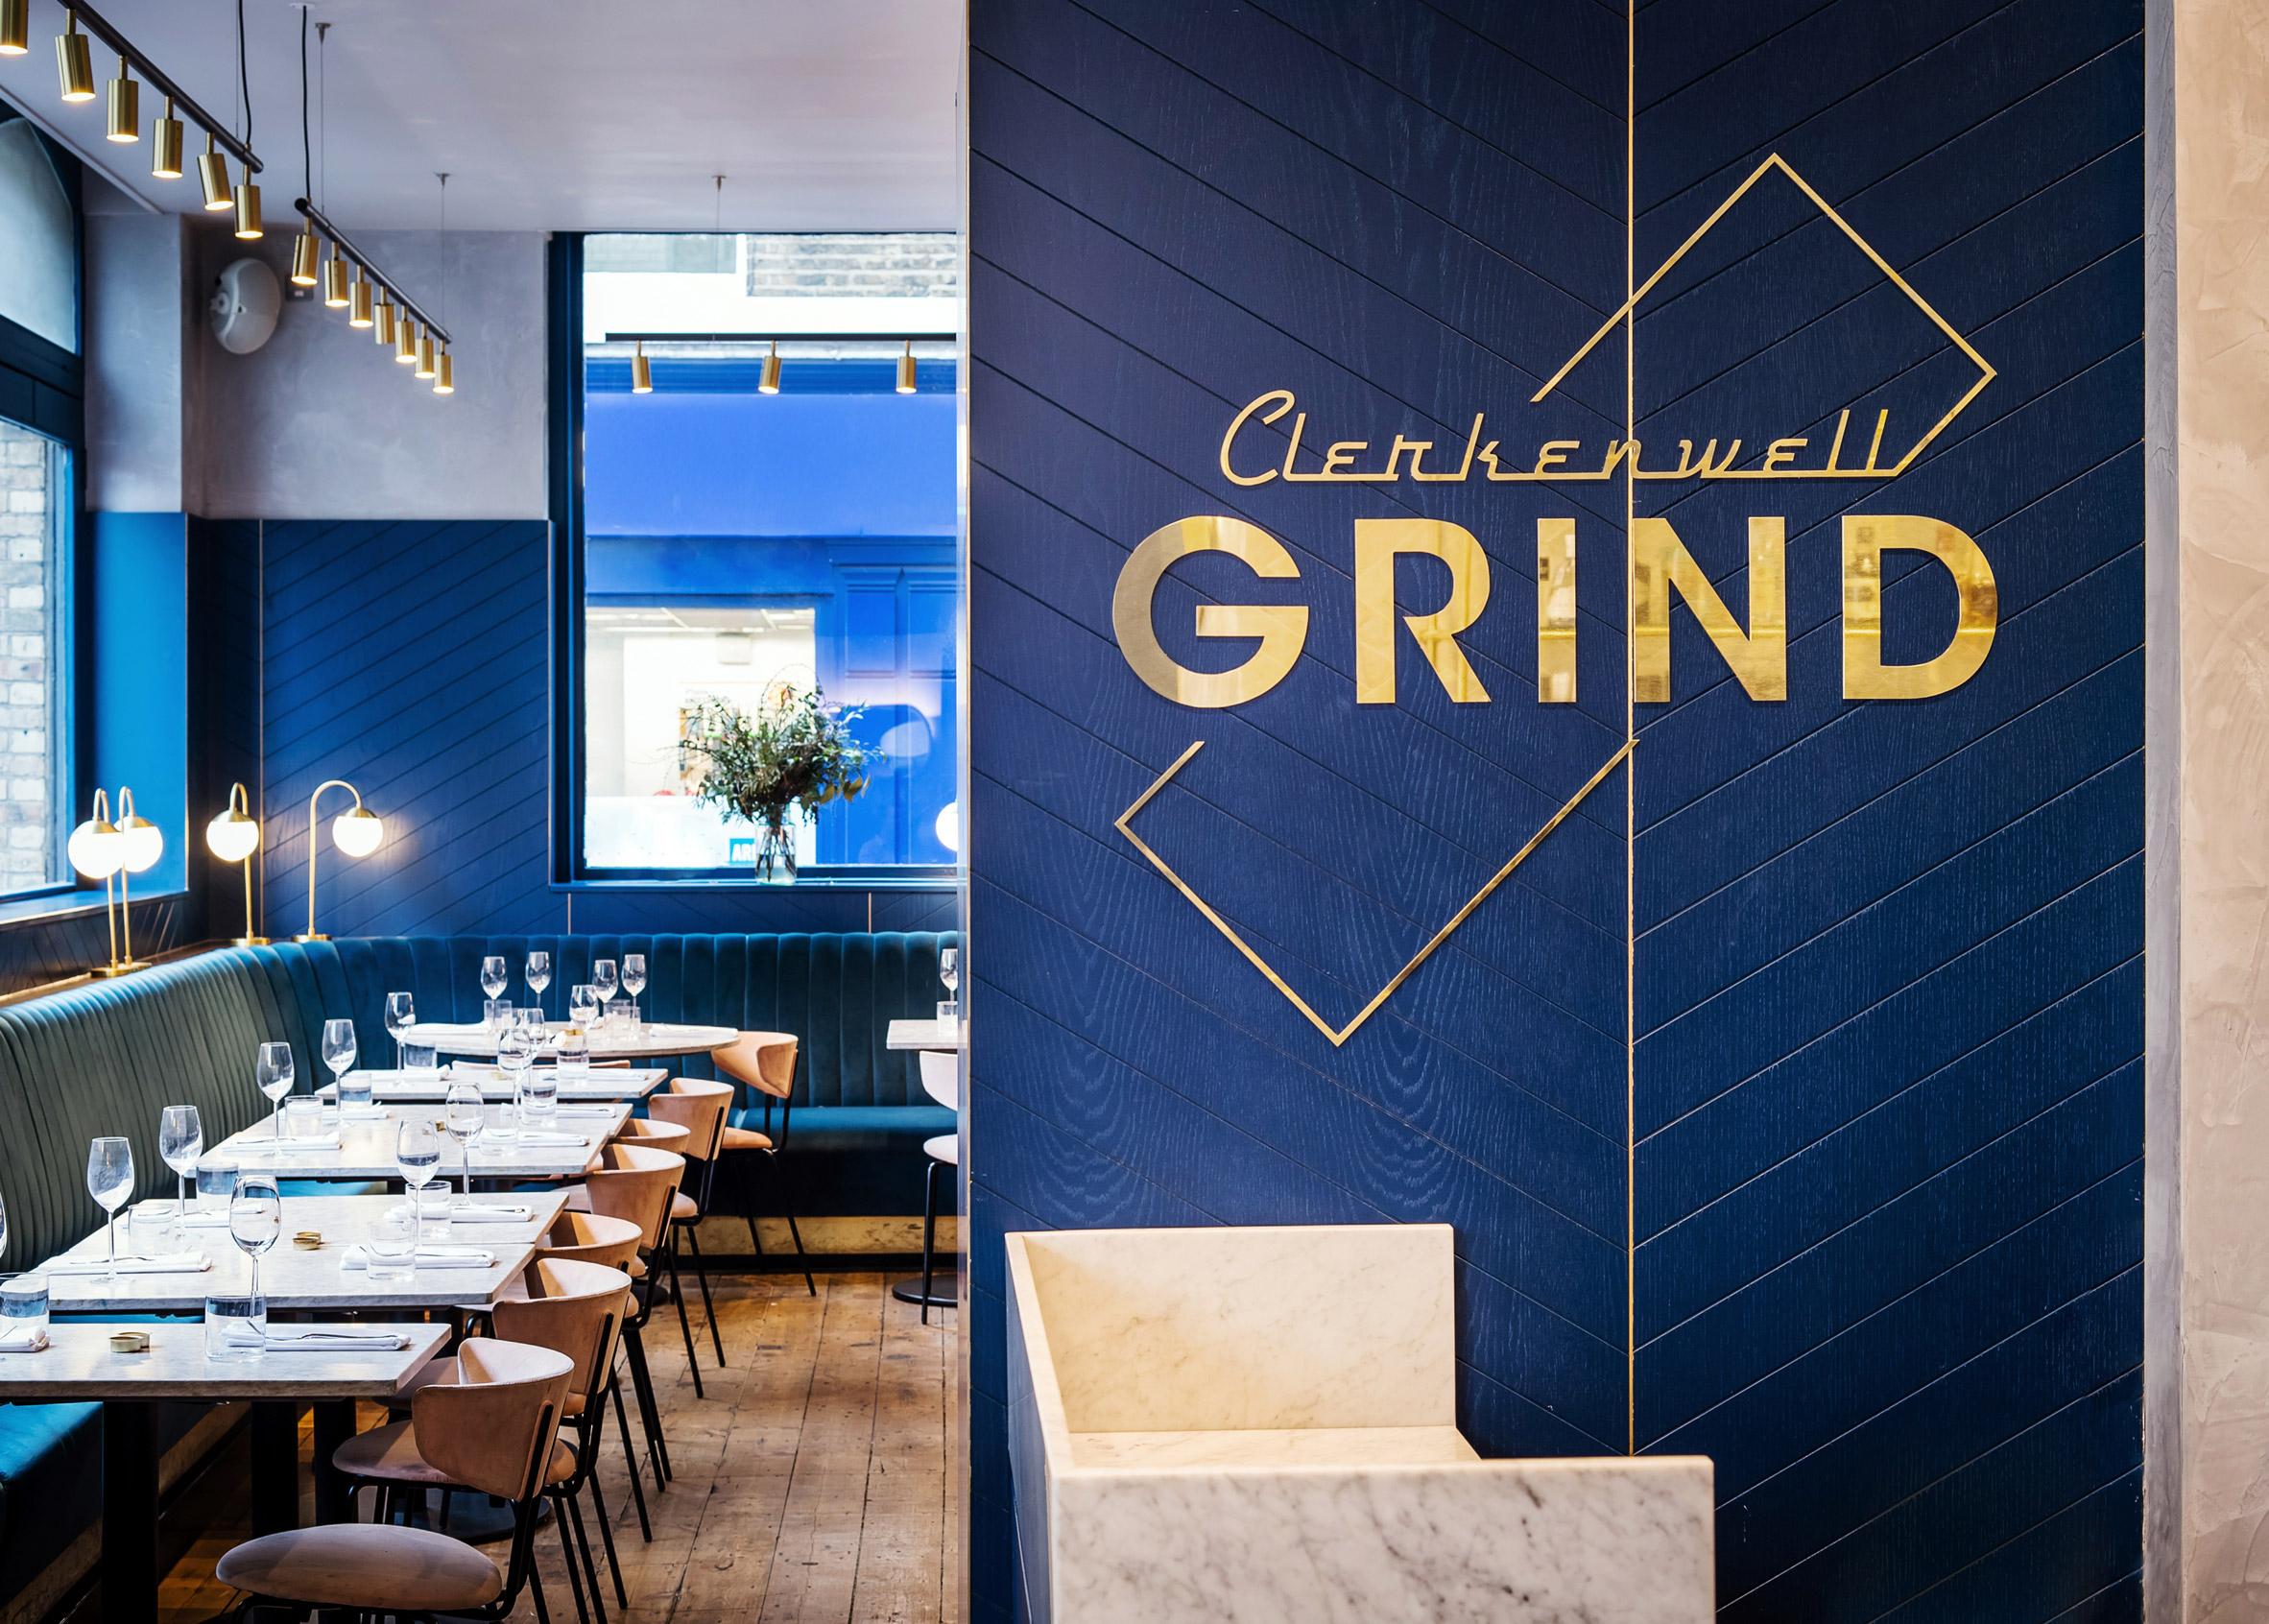 clerkenwell-grind-biasol-restaurants-bars-interiors-london-uk_dezeen_2364_col_1